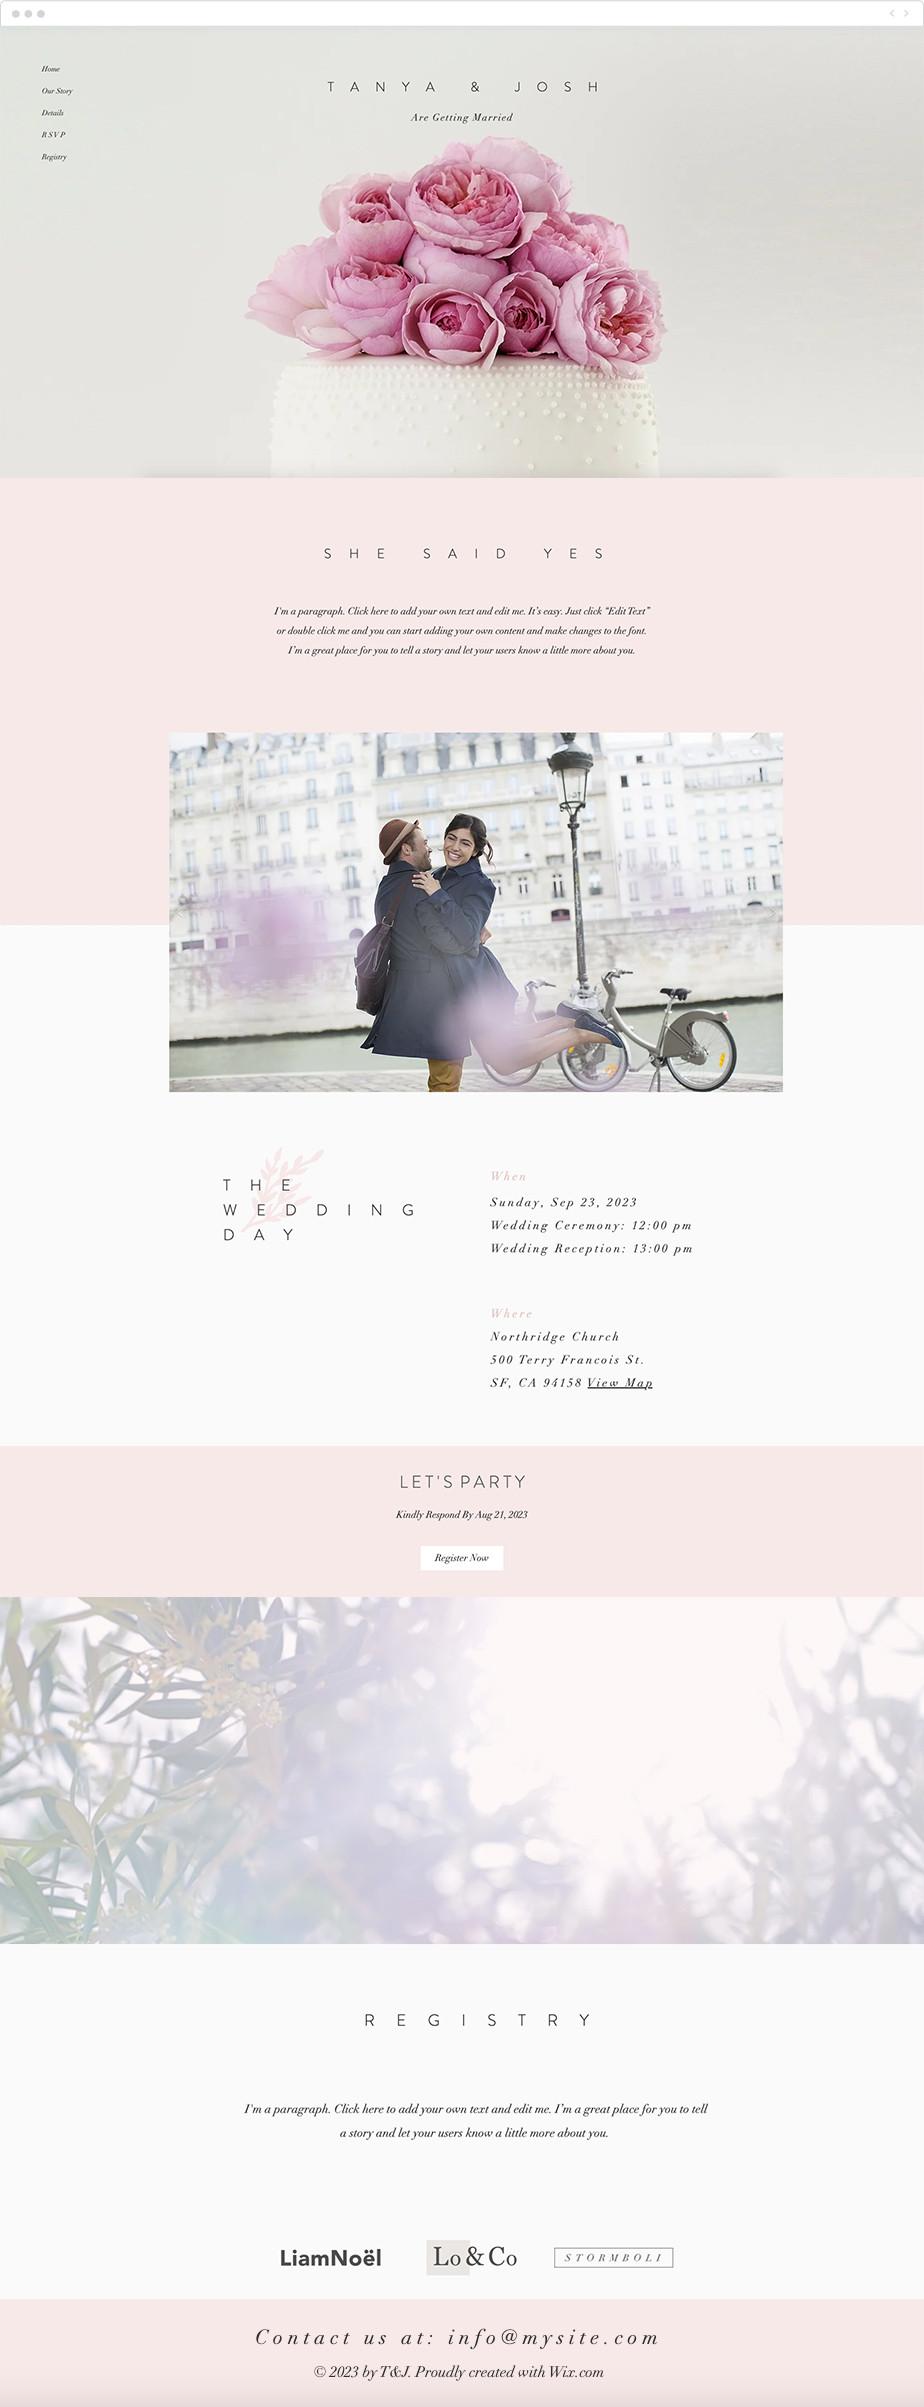 Plantilla web de invitación de boda clásica